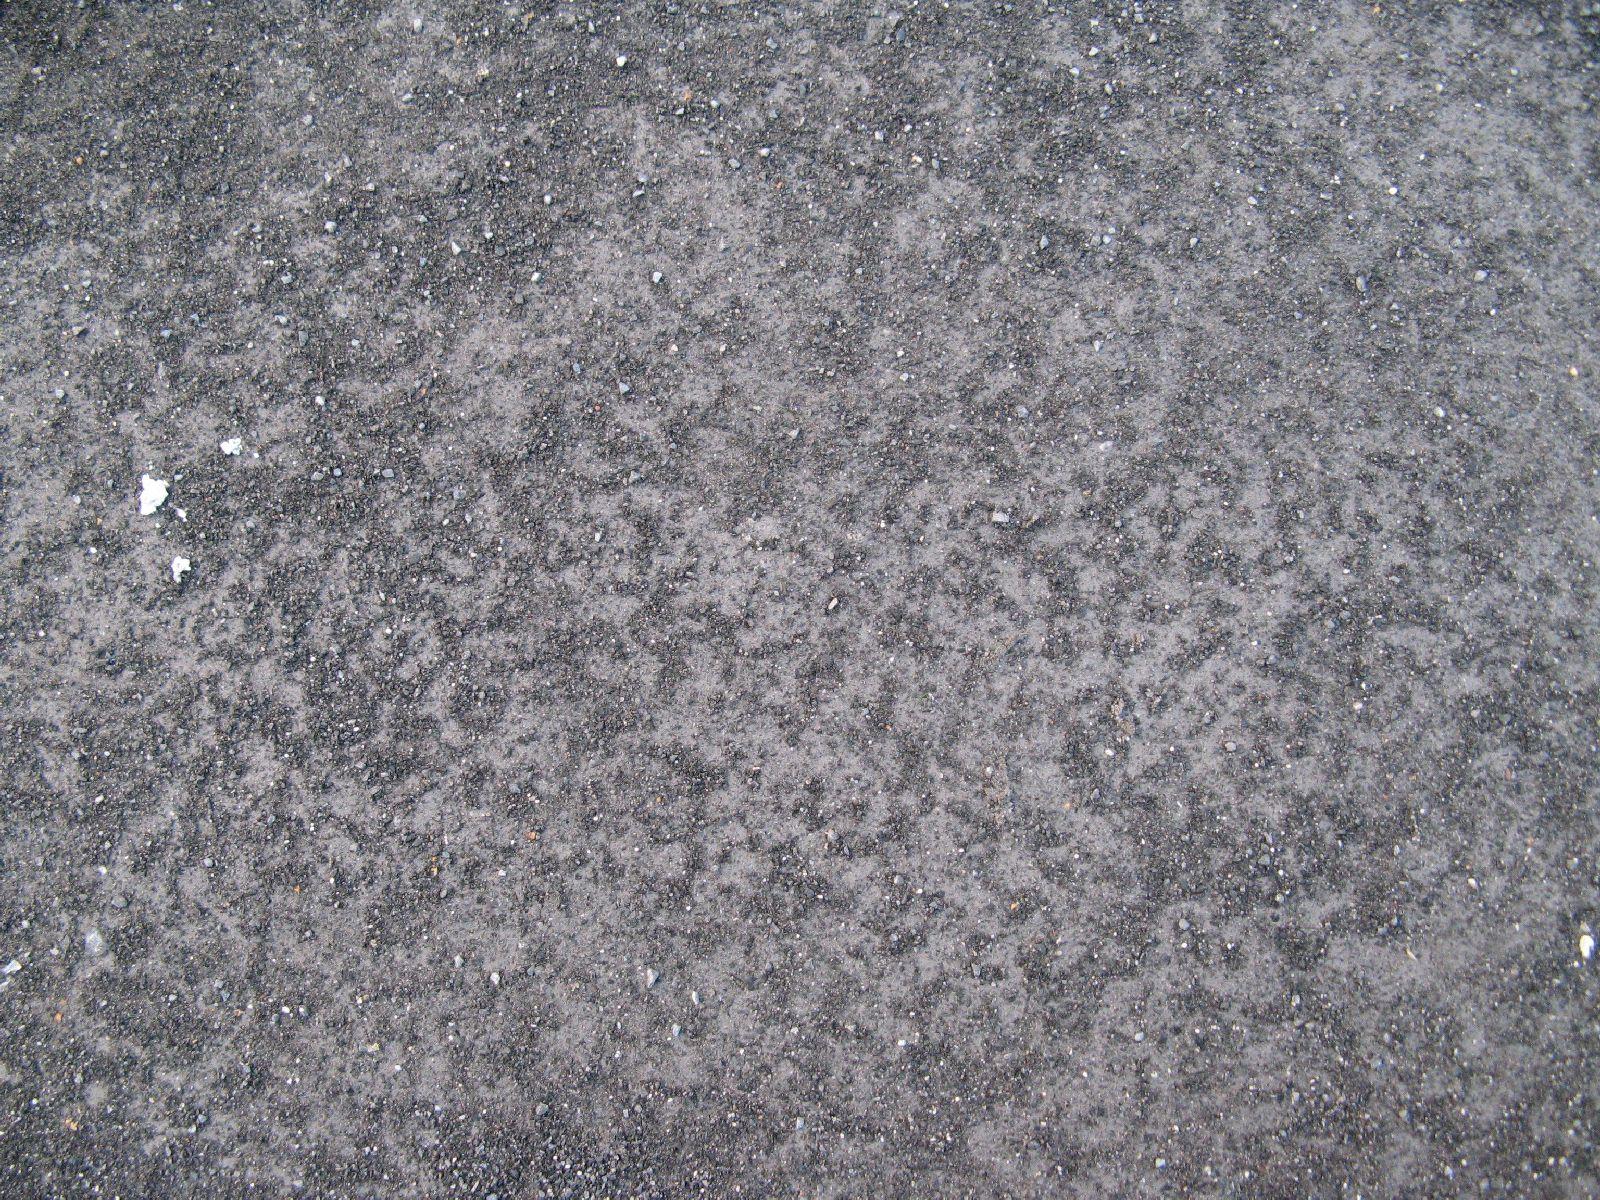 Boden-Gehweg-Strasse-Buergersteig-Textur_B_00744